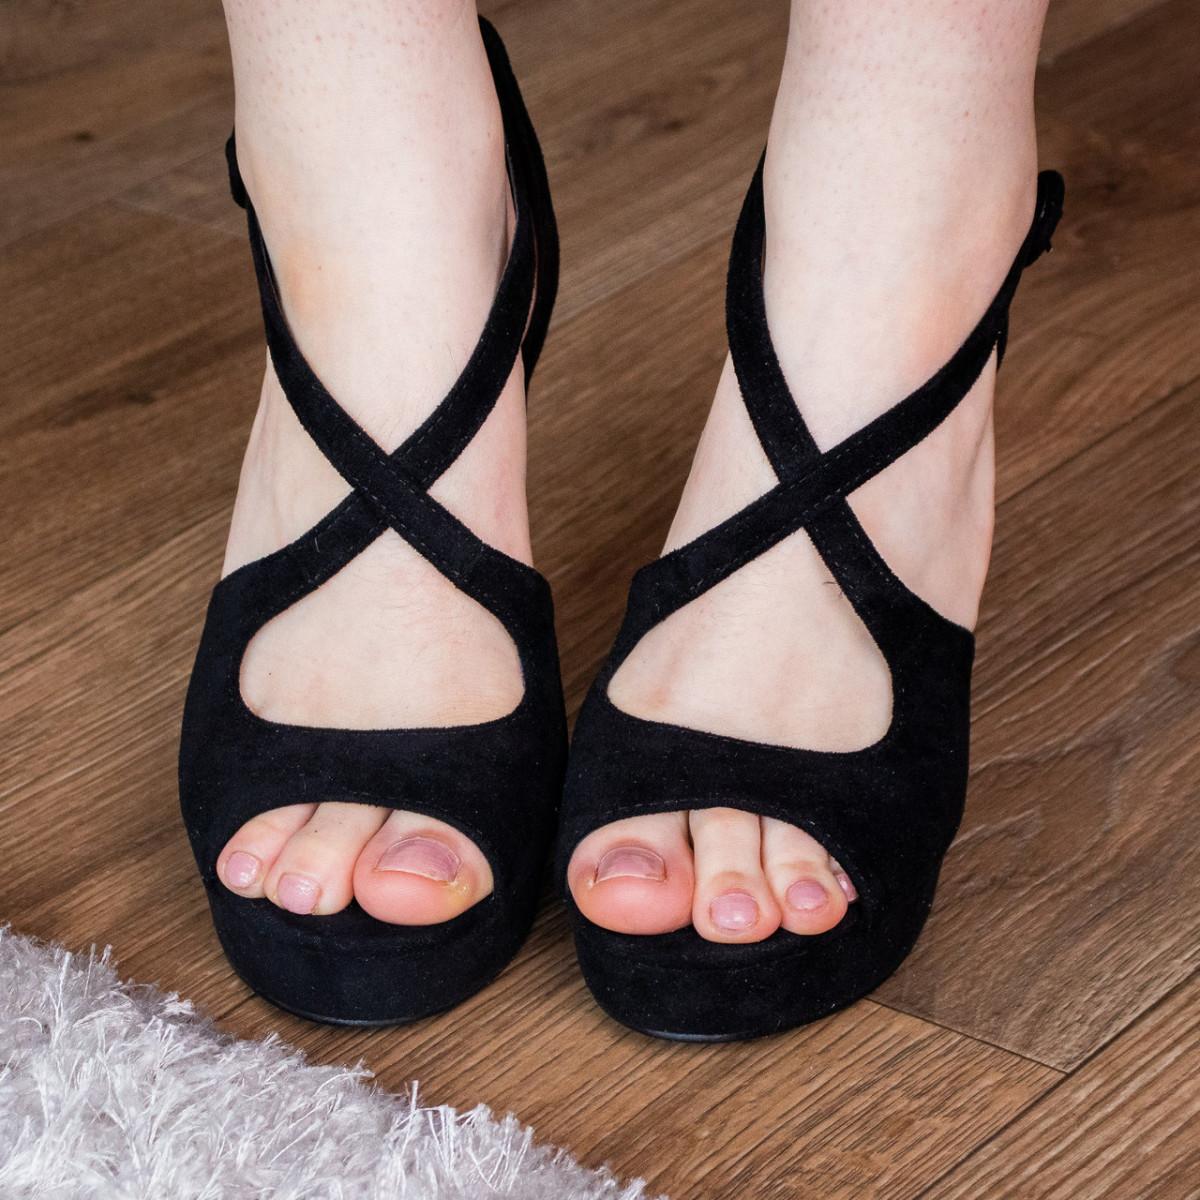 Женские босоножки Fashion Elvis 2879 36 размер 23,5 см Черный 38